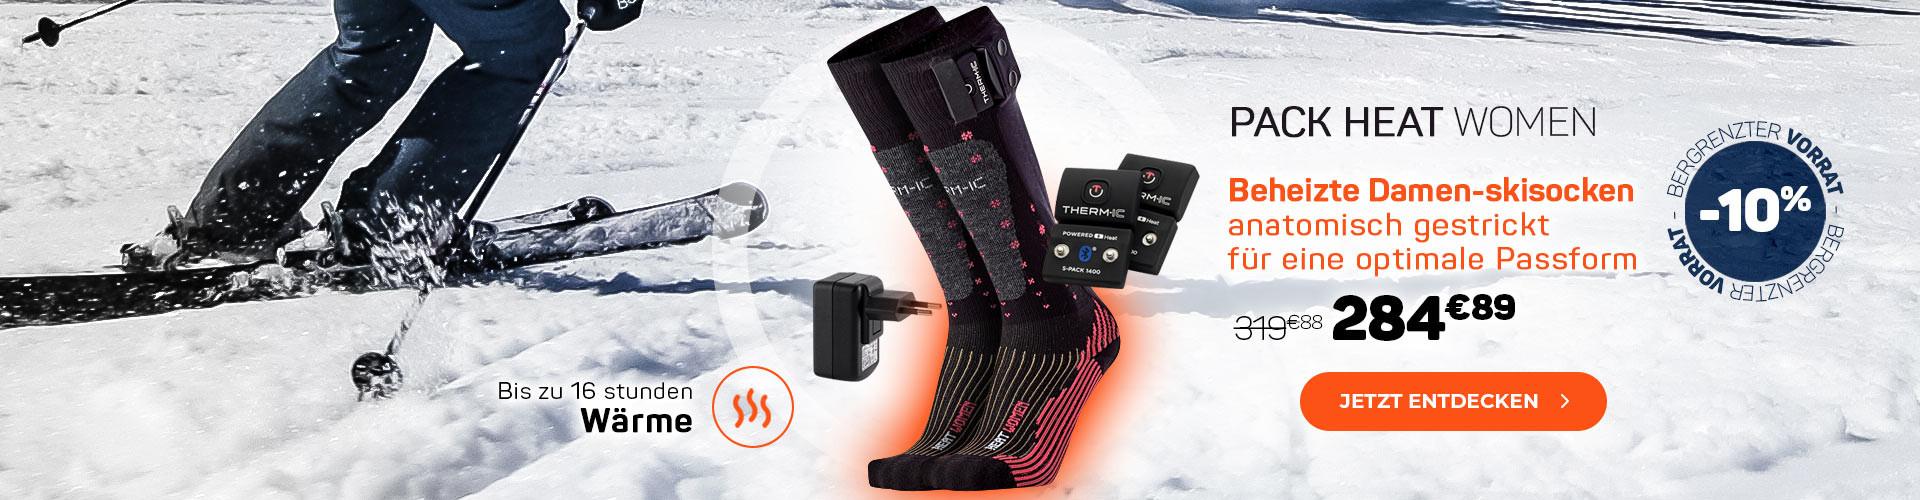 Mit unseren beheizten Socken können Sie gefrorene Füße stoppen!